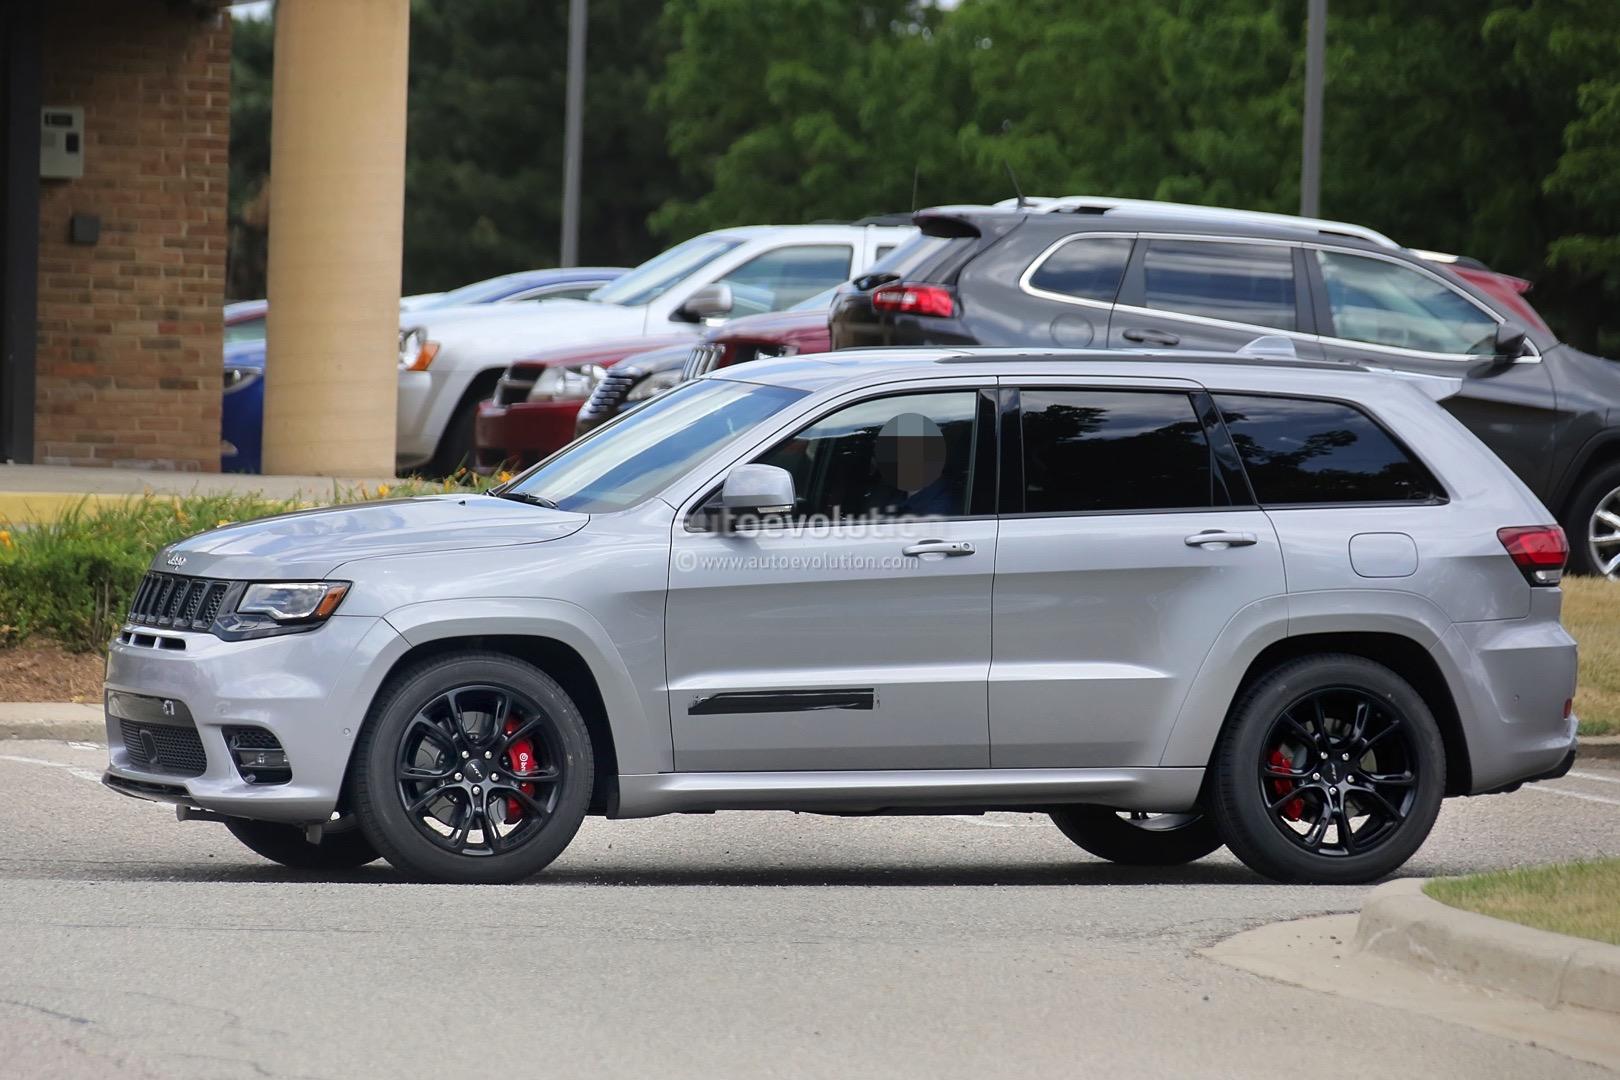 10 Photos Hellcat V8 Ed 2018 Jeep Grand Cherokee